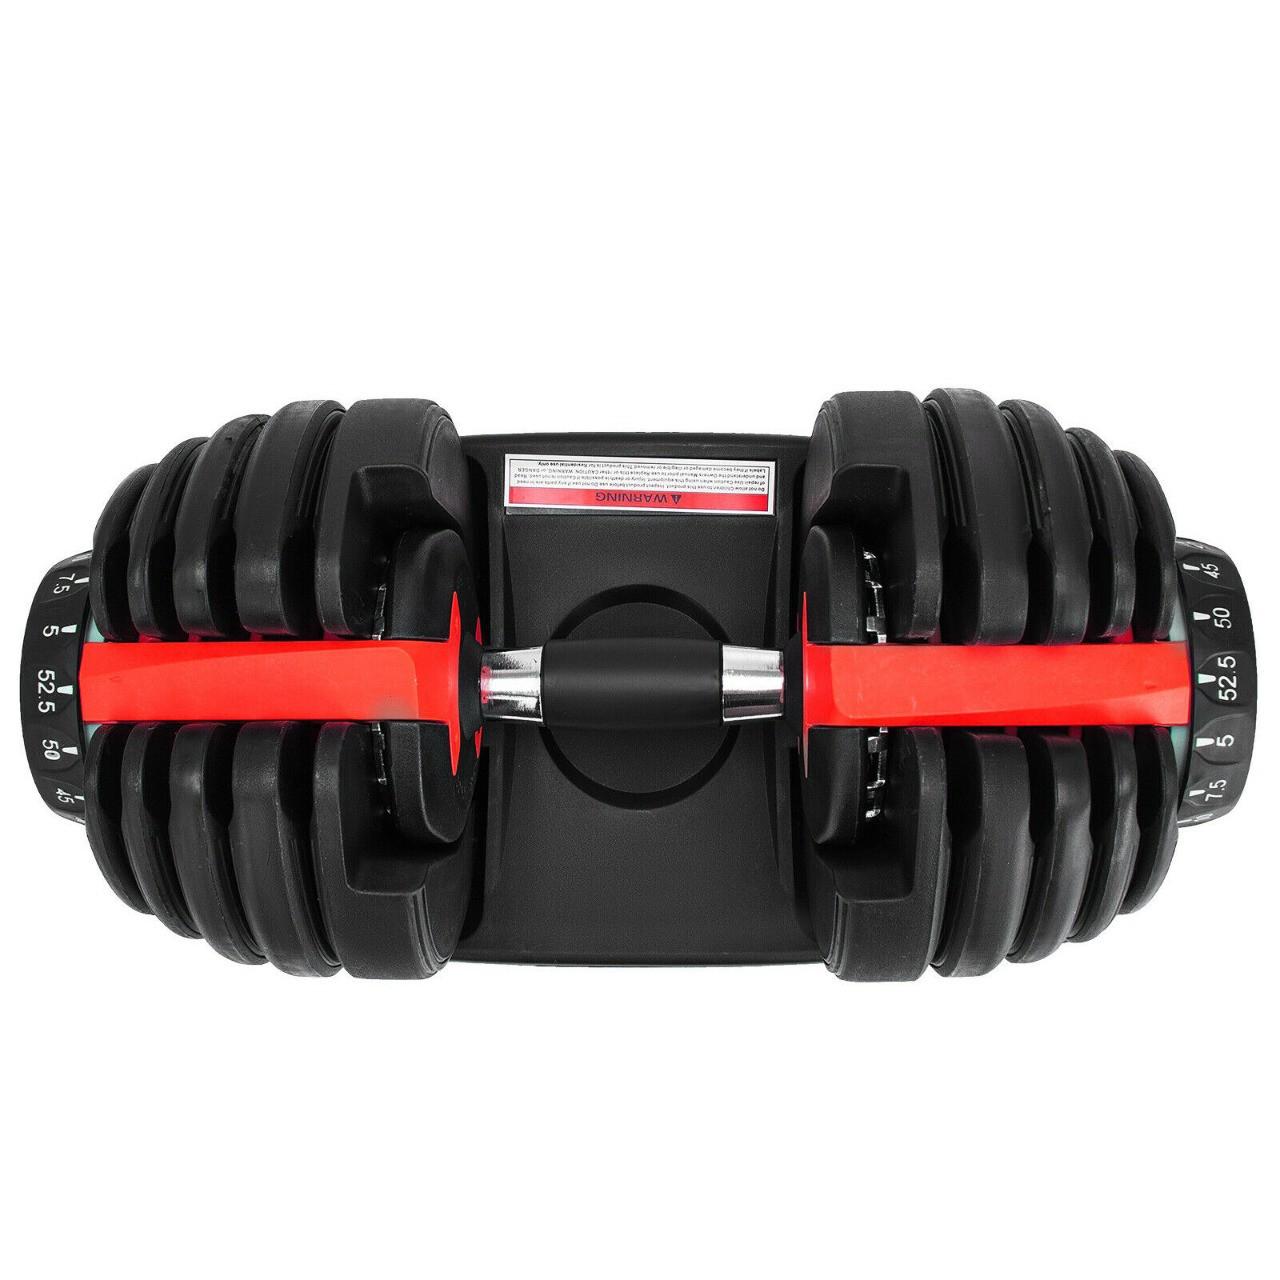 Автоматическая регулируемая гантель - гантель с регулируемым весом 24 кг - фото 3